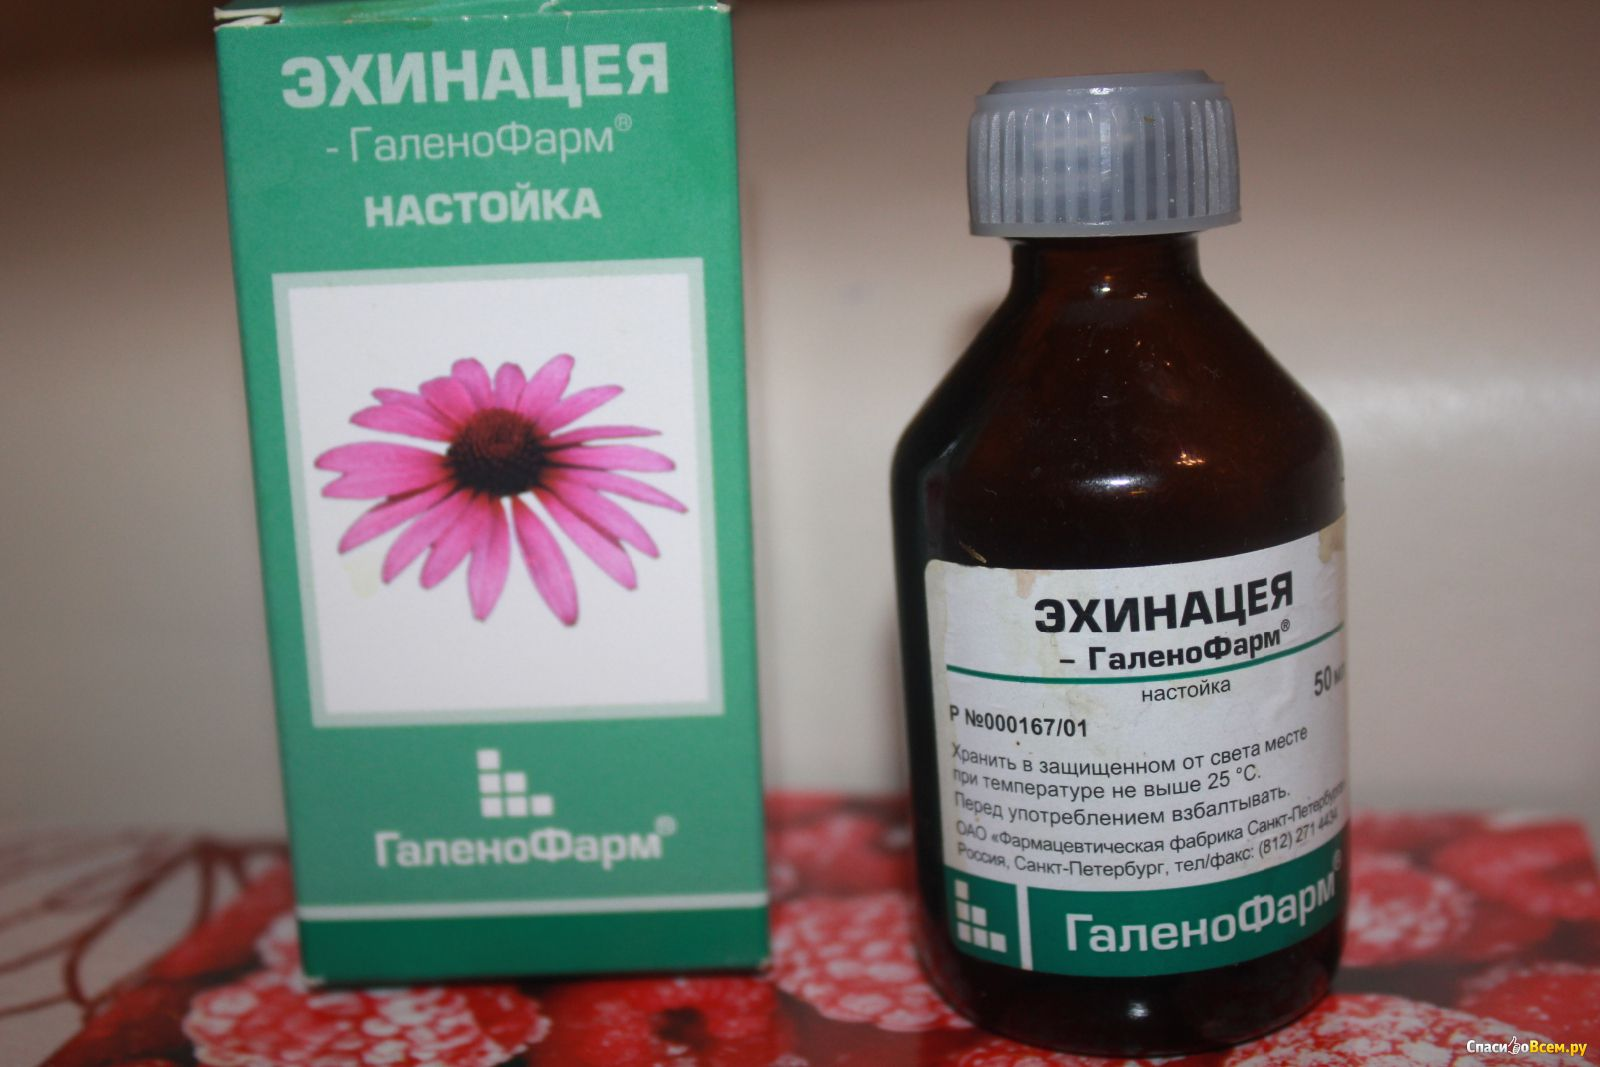 Как принимать настойку эхинацеи для повышения иммунитета?